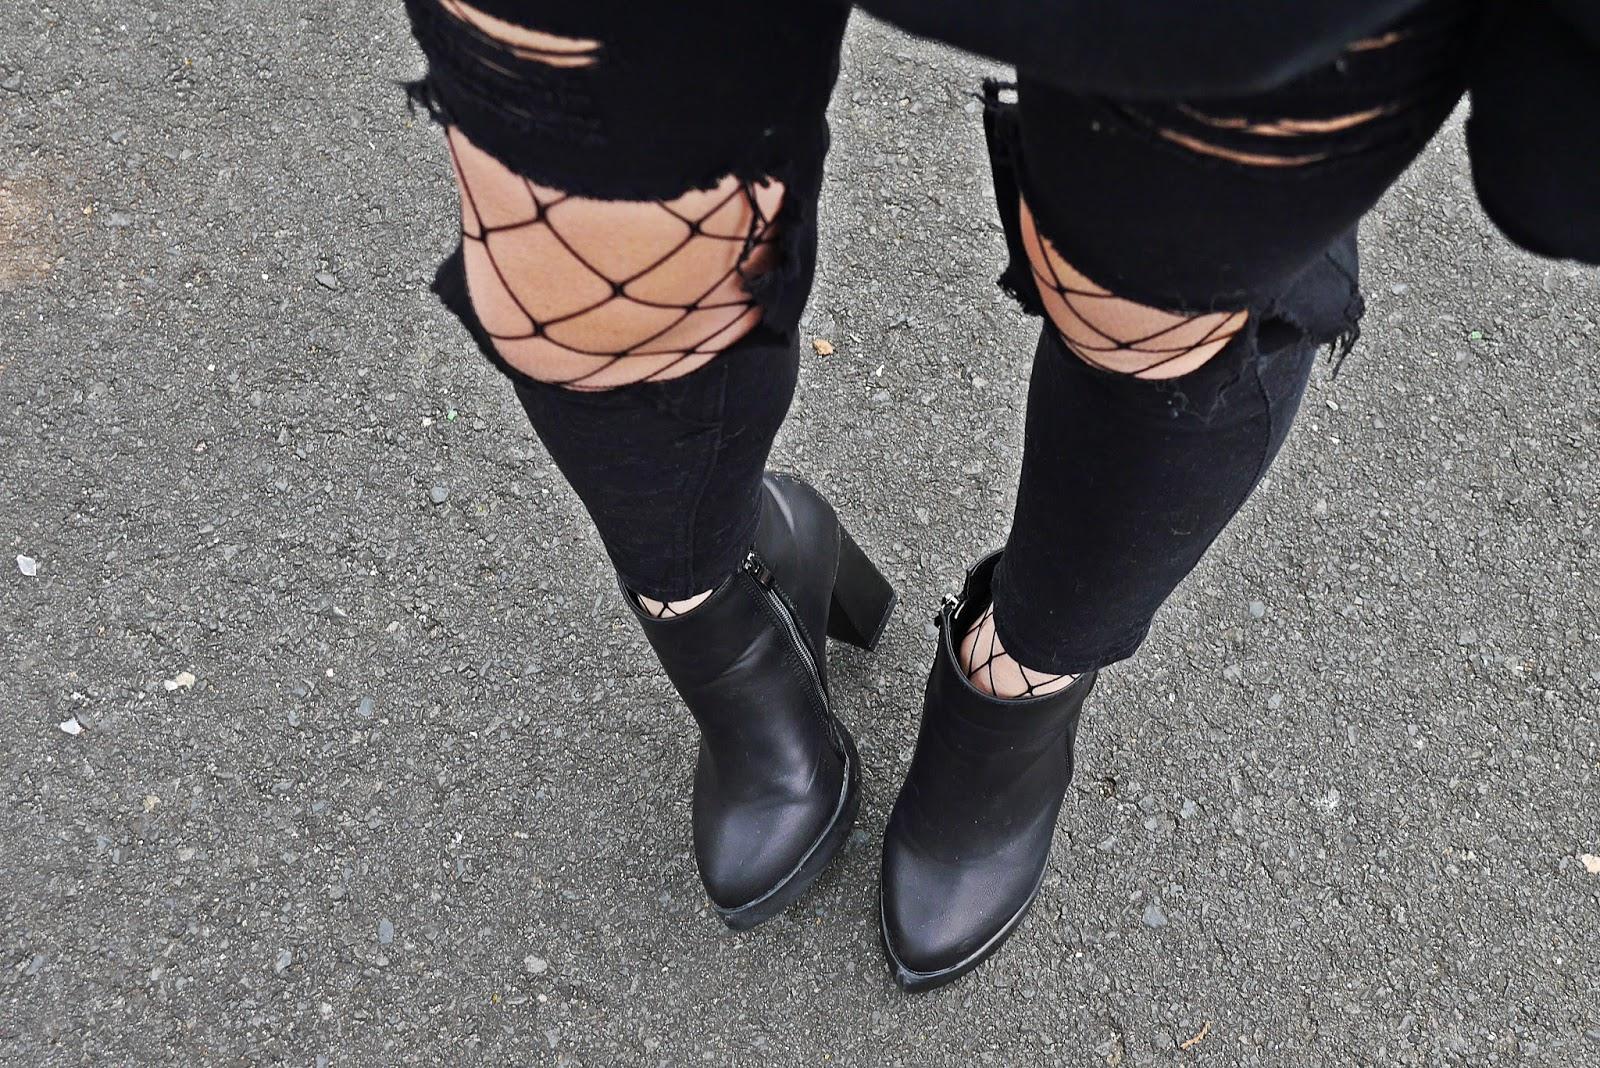 czarne_spodnie-Z_dziurami_kabaretki_botki_gamiss_karyn_blog_210317